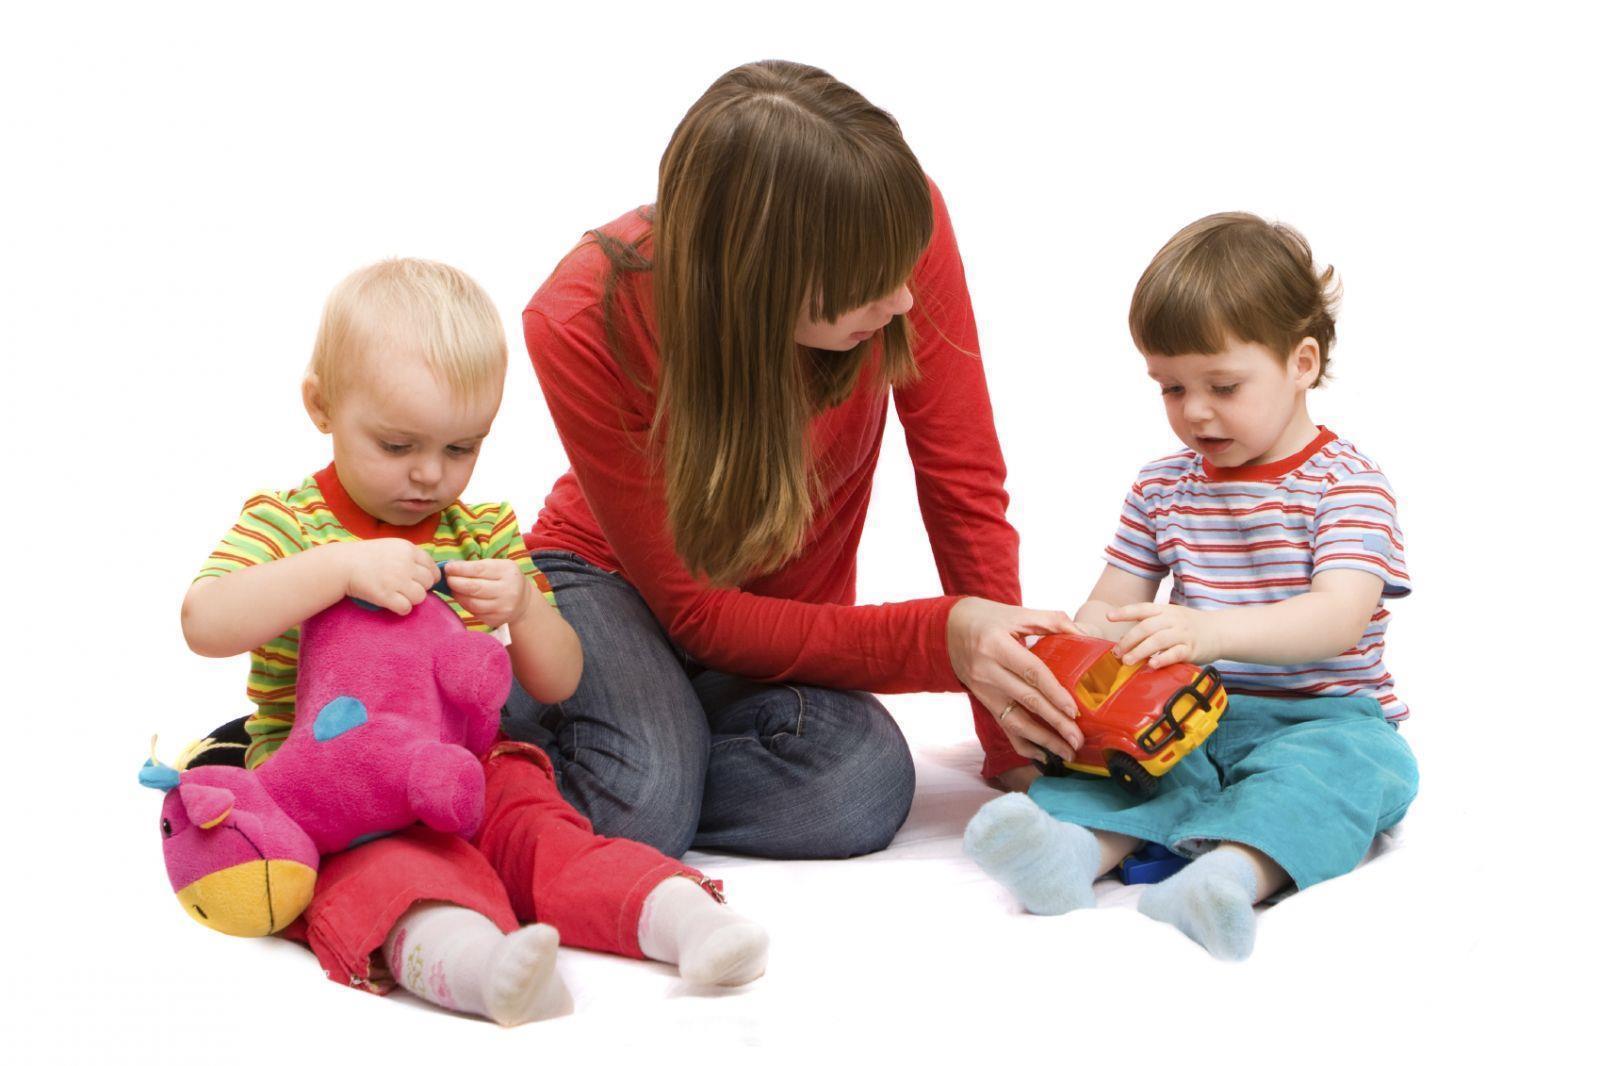 برای آموزش کودکتان به انجام تعاملات بیشتر و طولانی تر نخست باید به وی کمک کنید تا به شما توجه کند